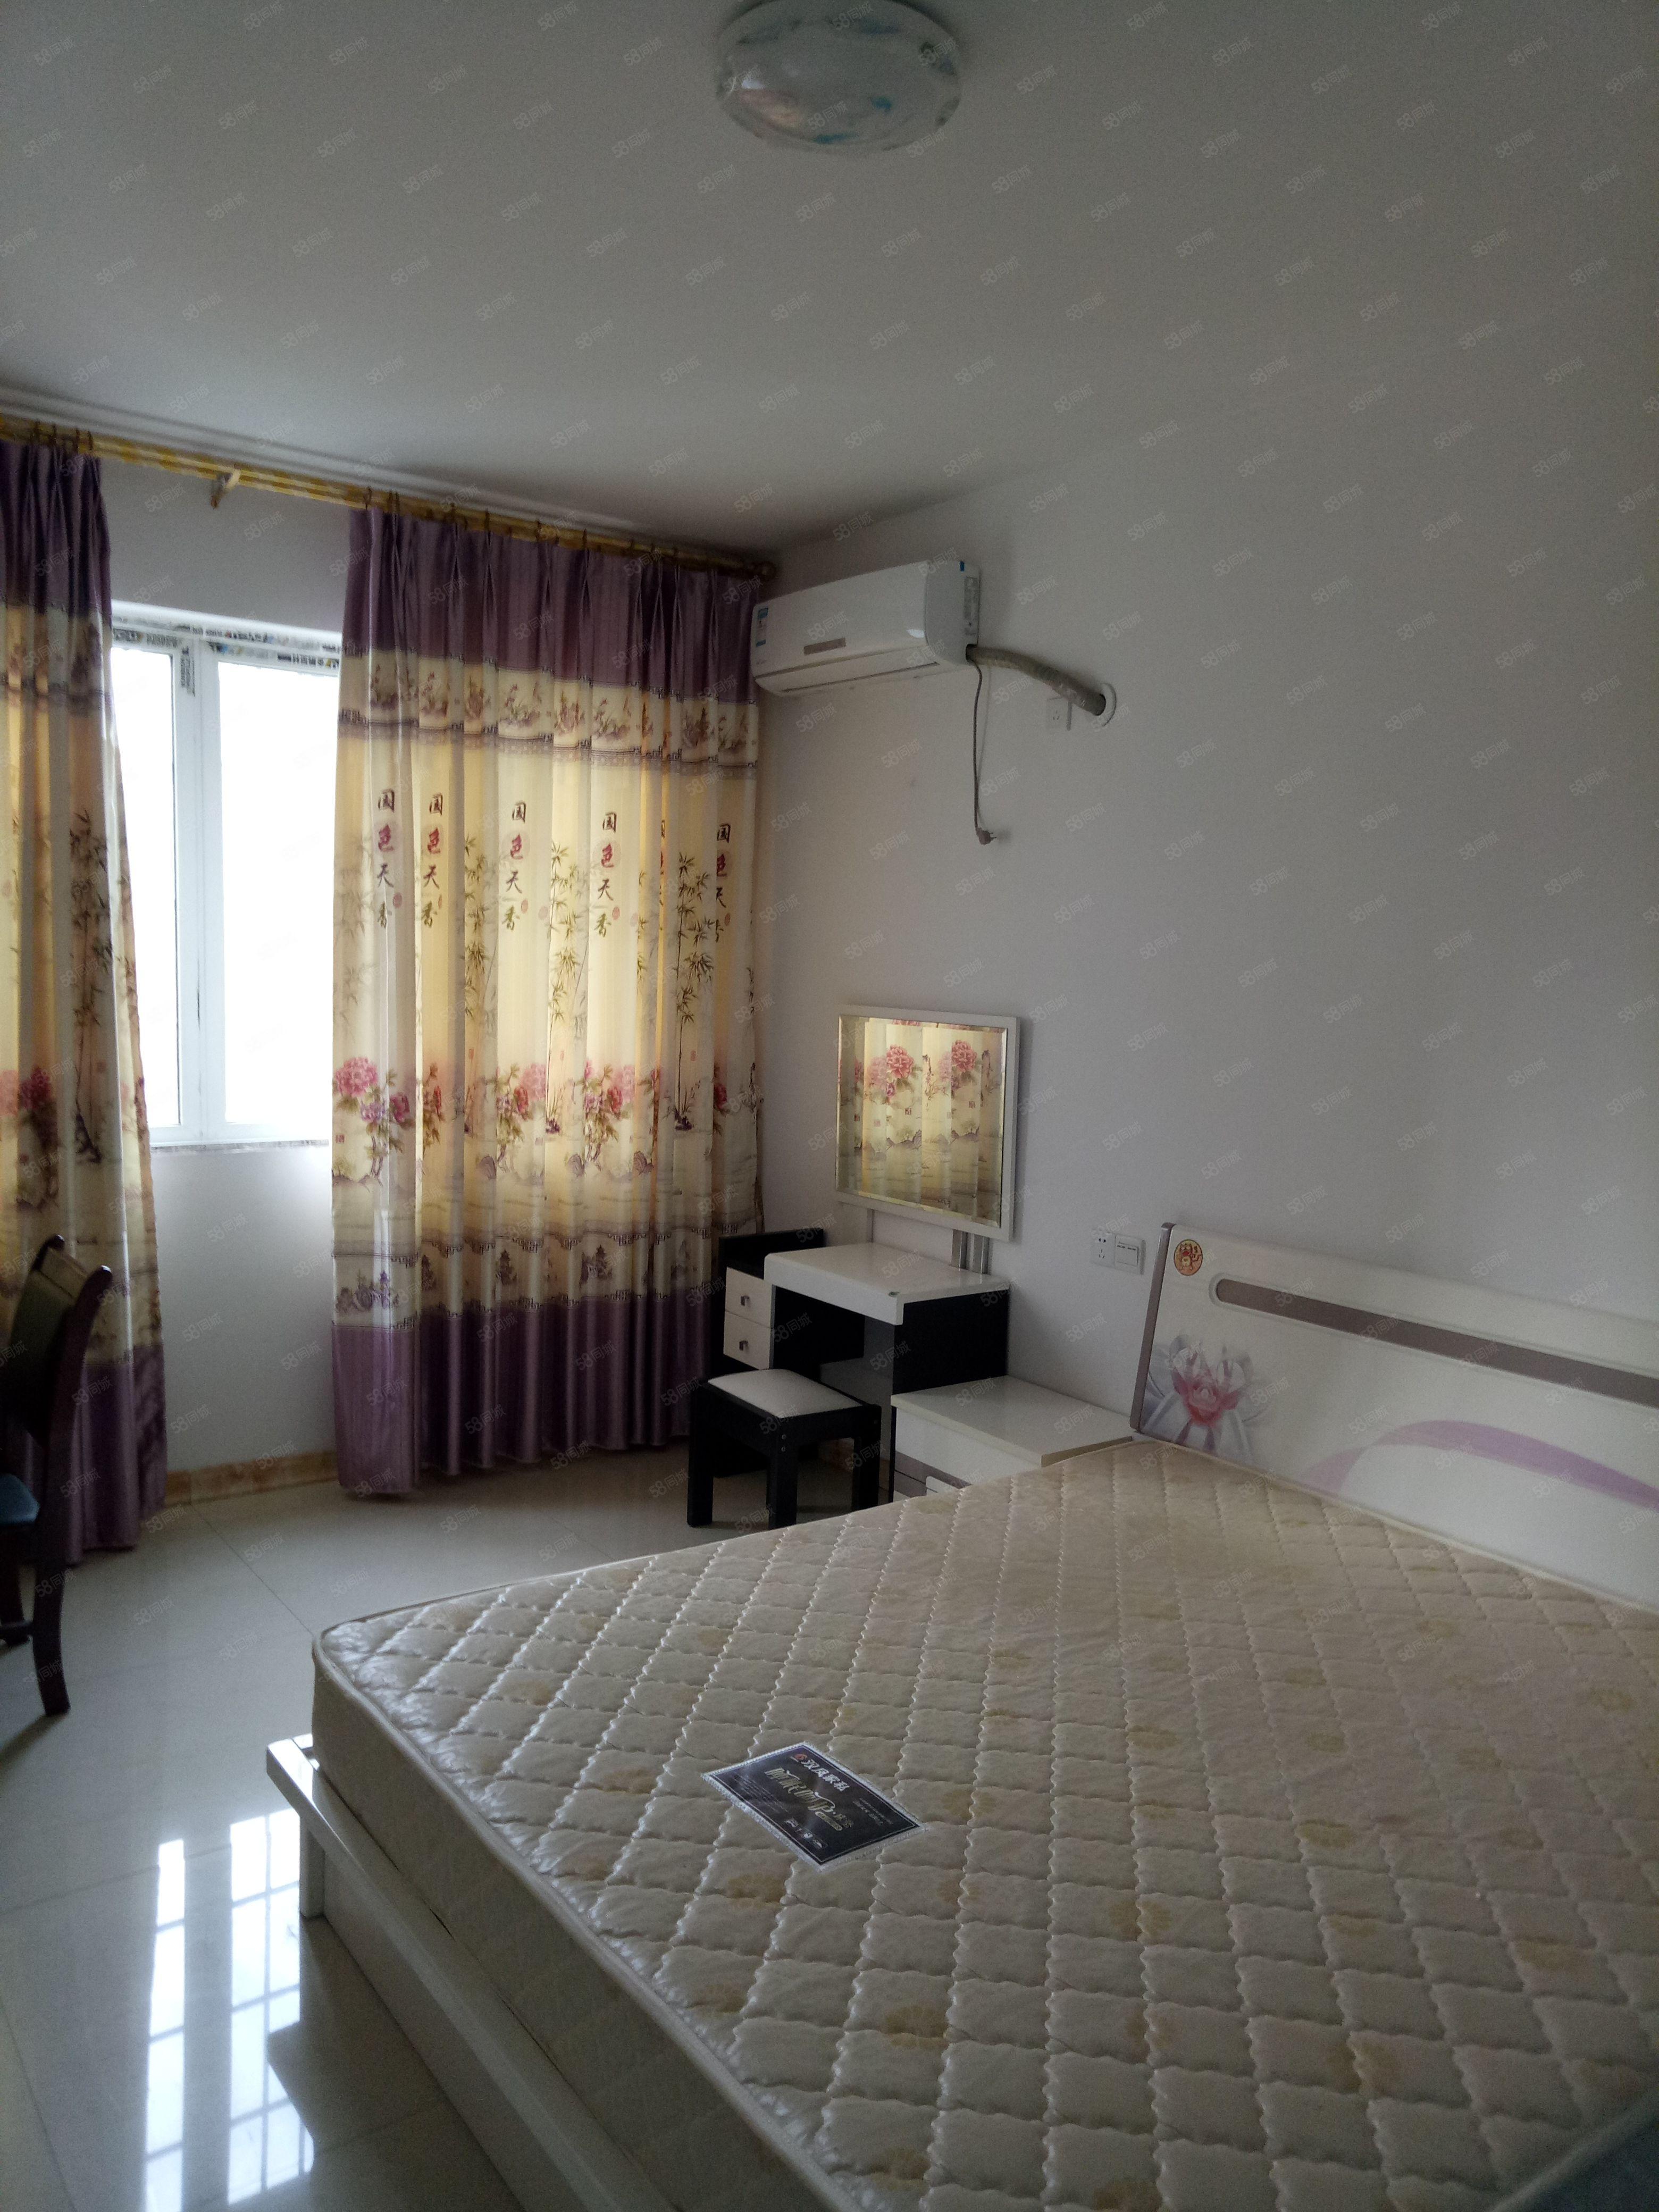 河东东城一品两室干净整洁温馨急租